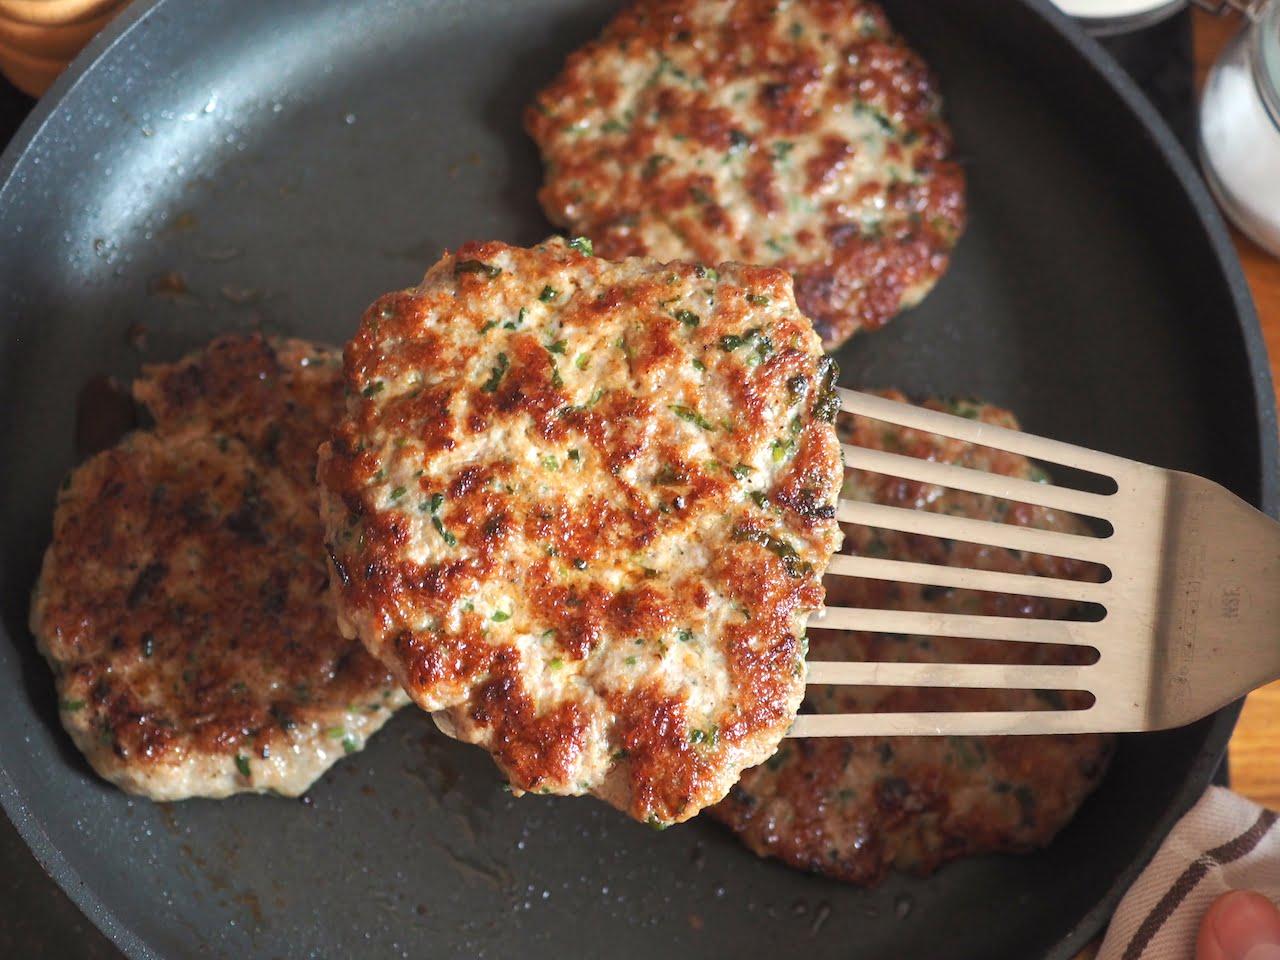 kotlet do domowego burgera